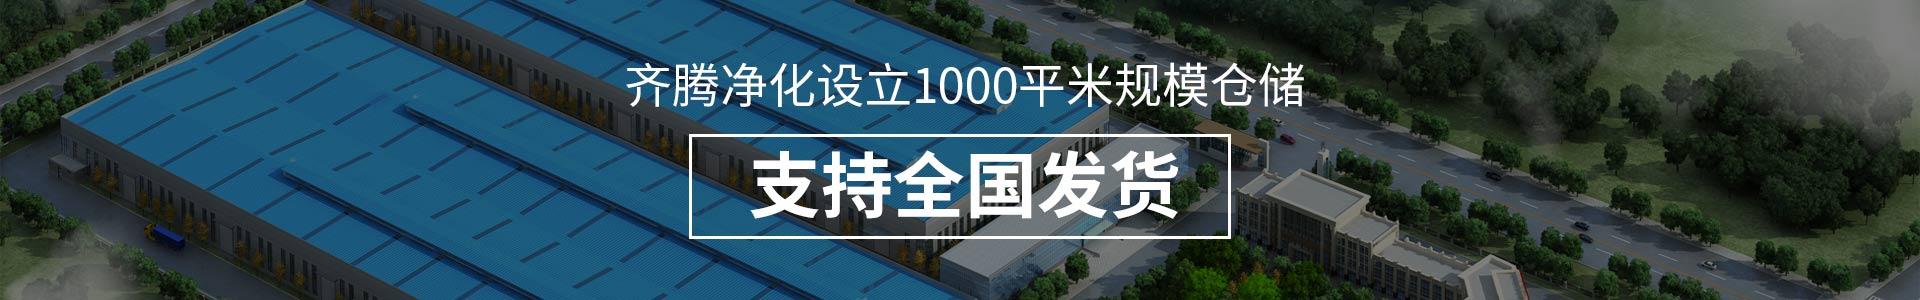 齐腾净化设立1000平米规模仓储,支持全国发货